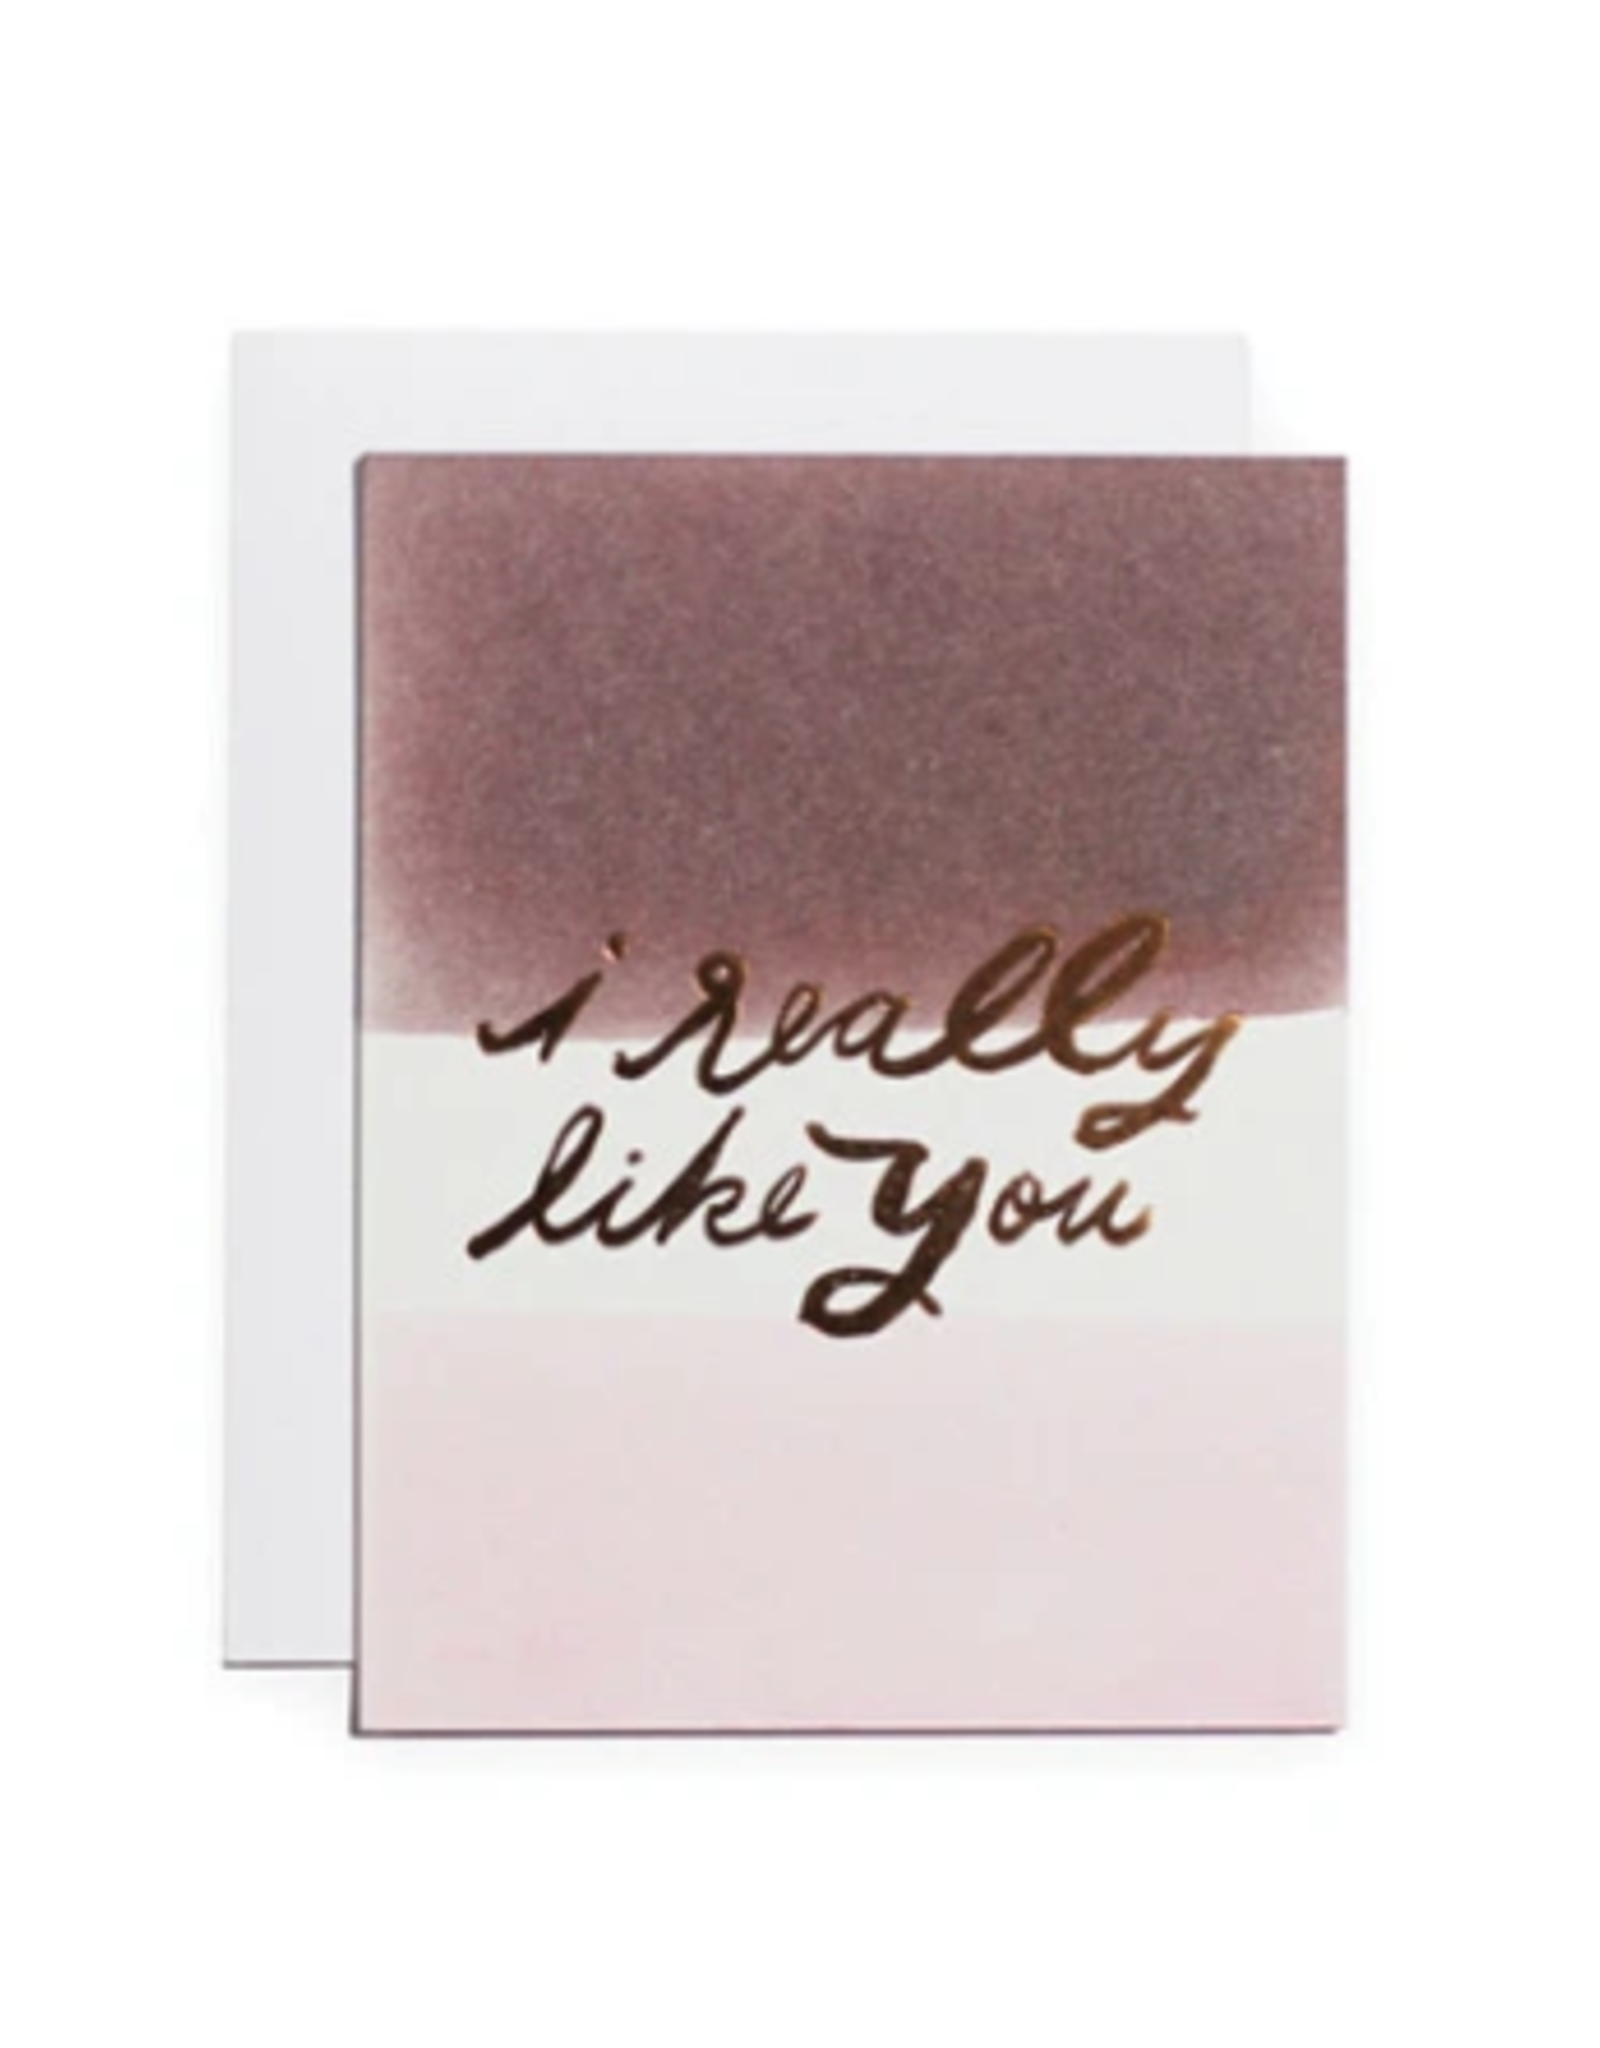 I Really Like You Card